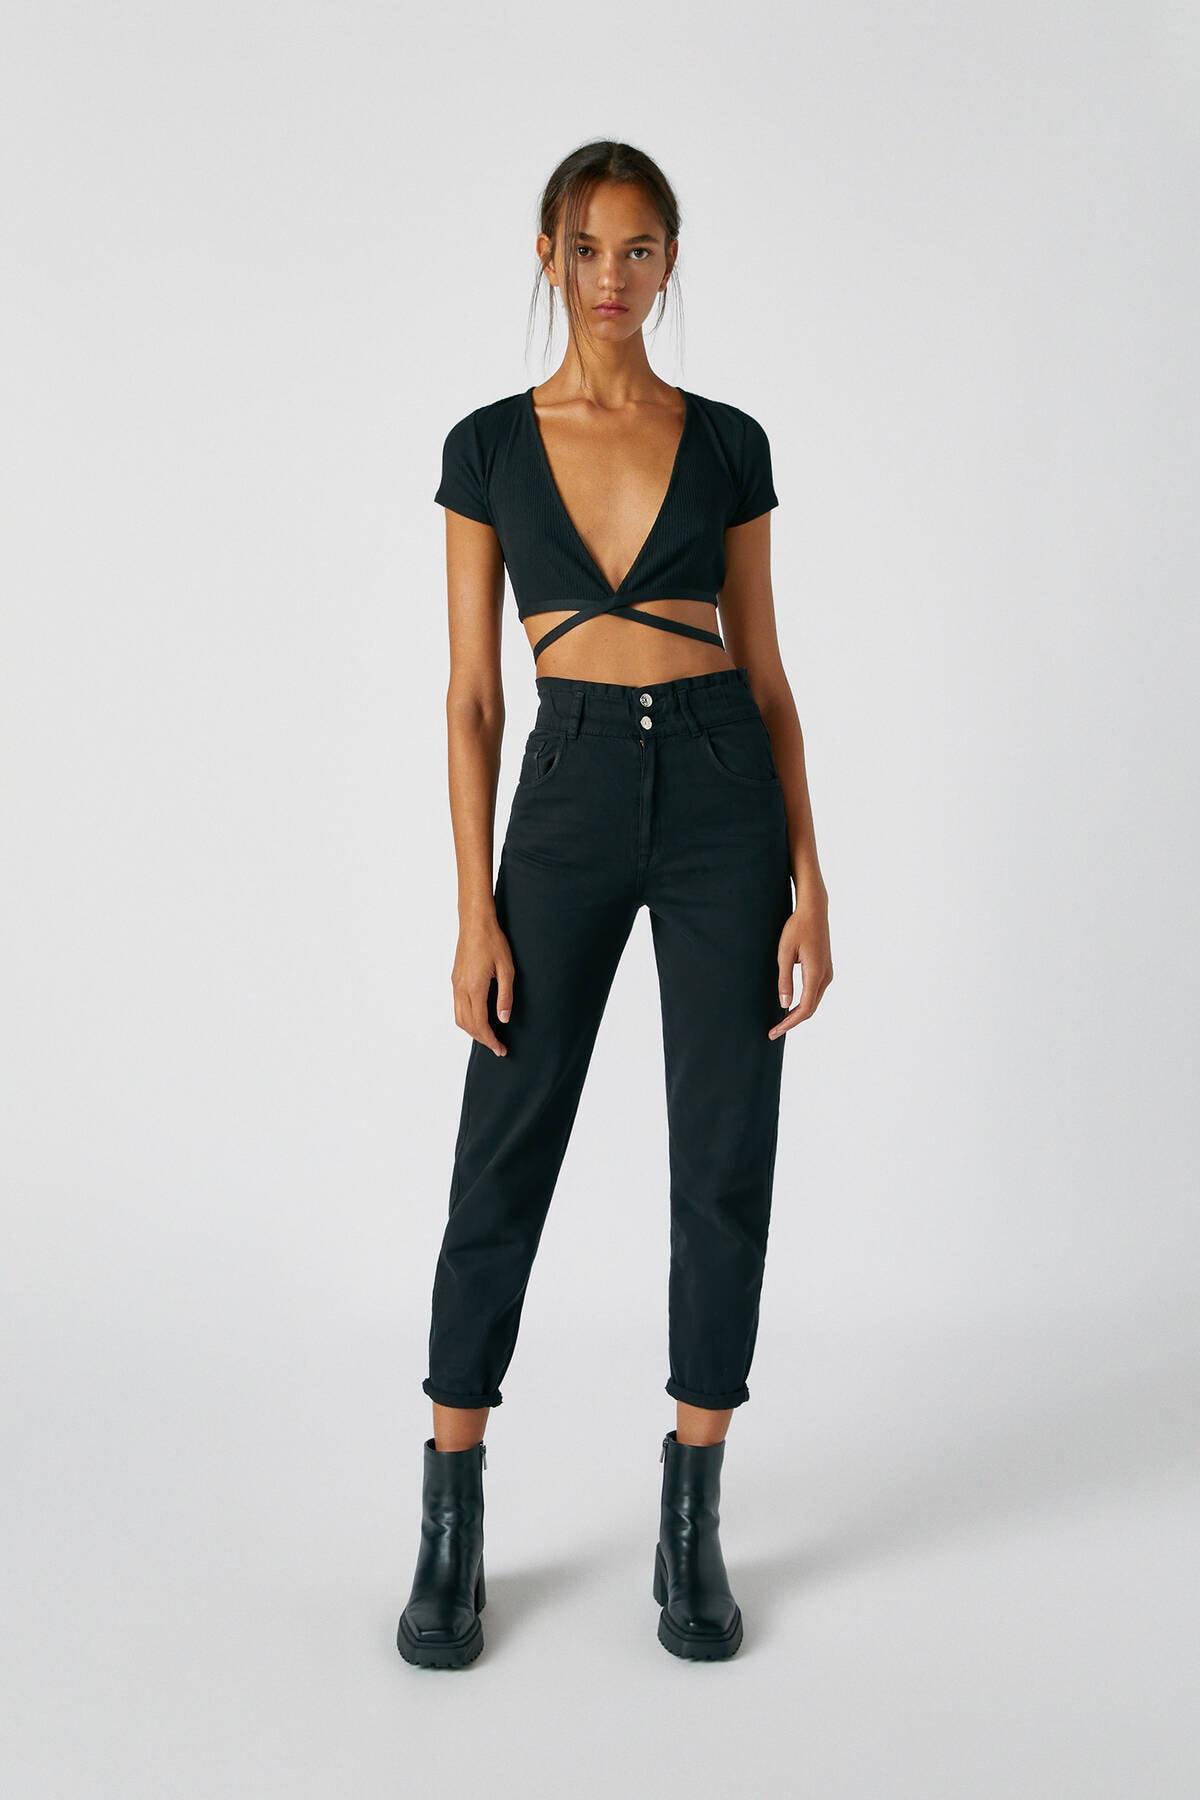 Pull & Bear Kadın Siyah Geniş Elastik Belli Slouchy Jean 05670342 0